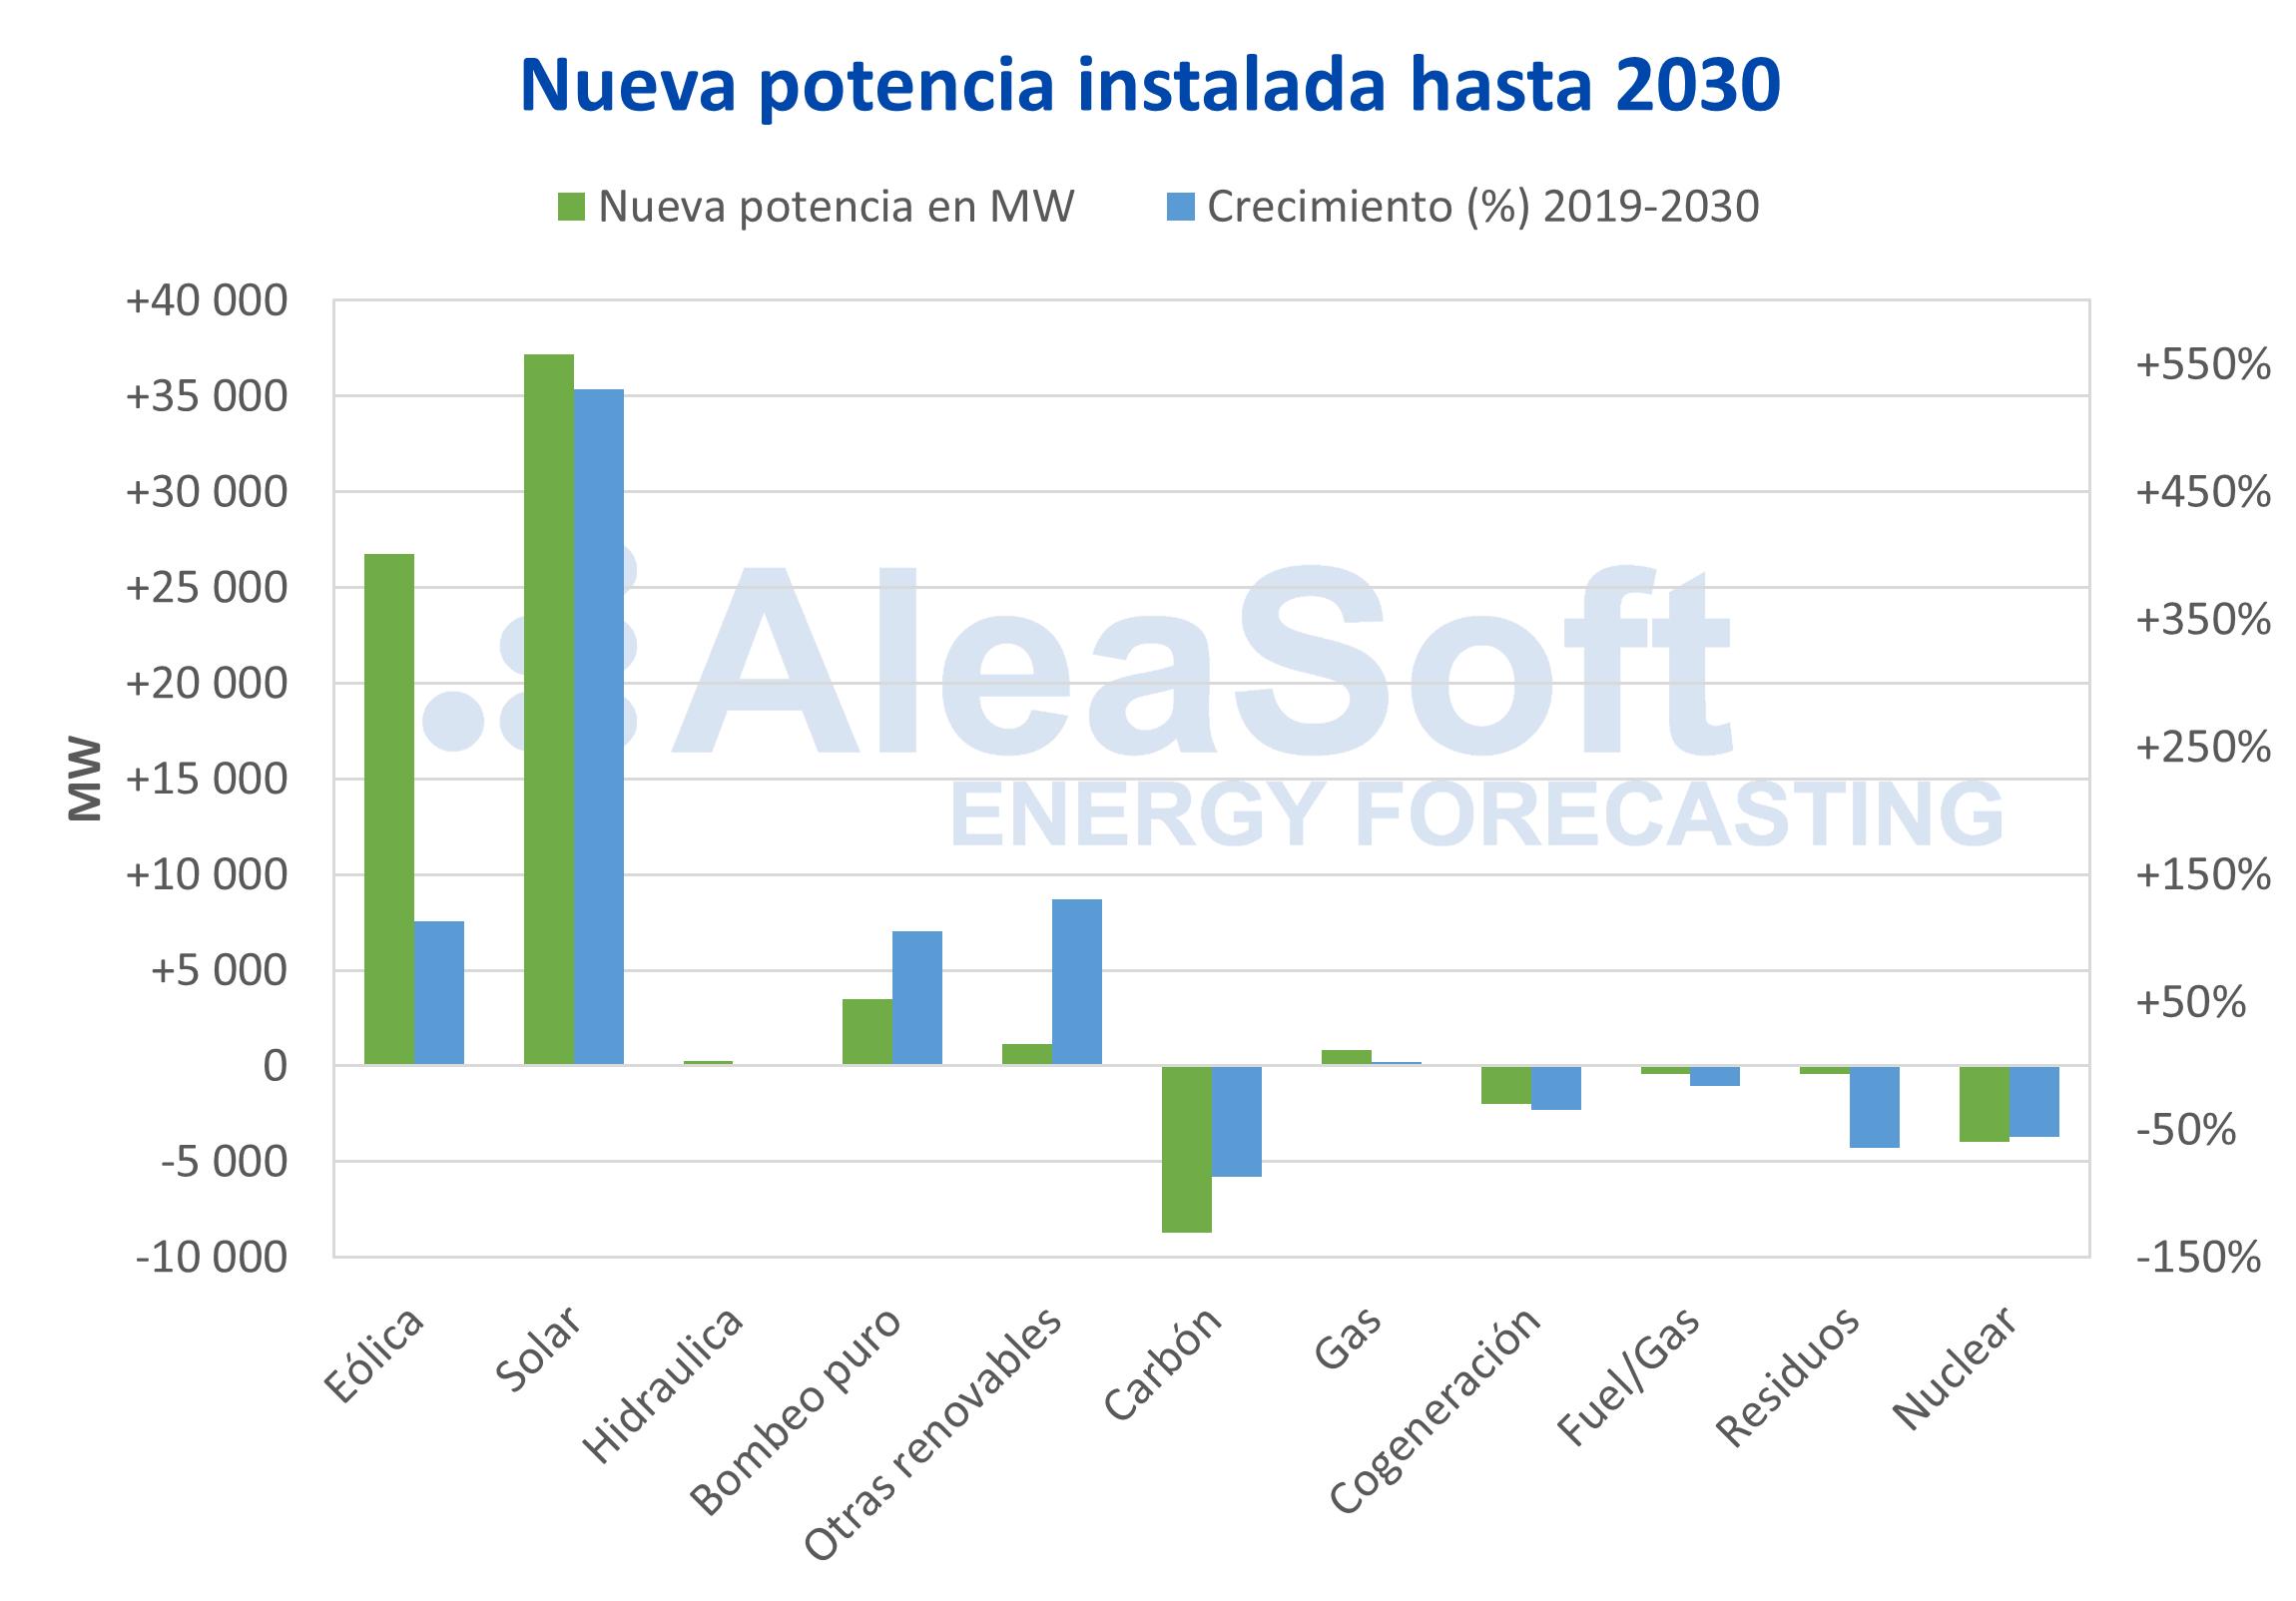 AleaSoft - Nueva potencia eléctrica 2030